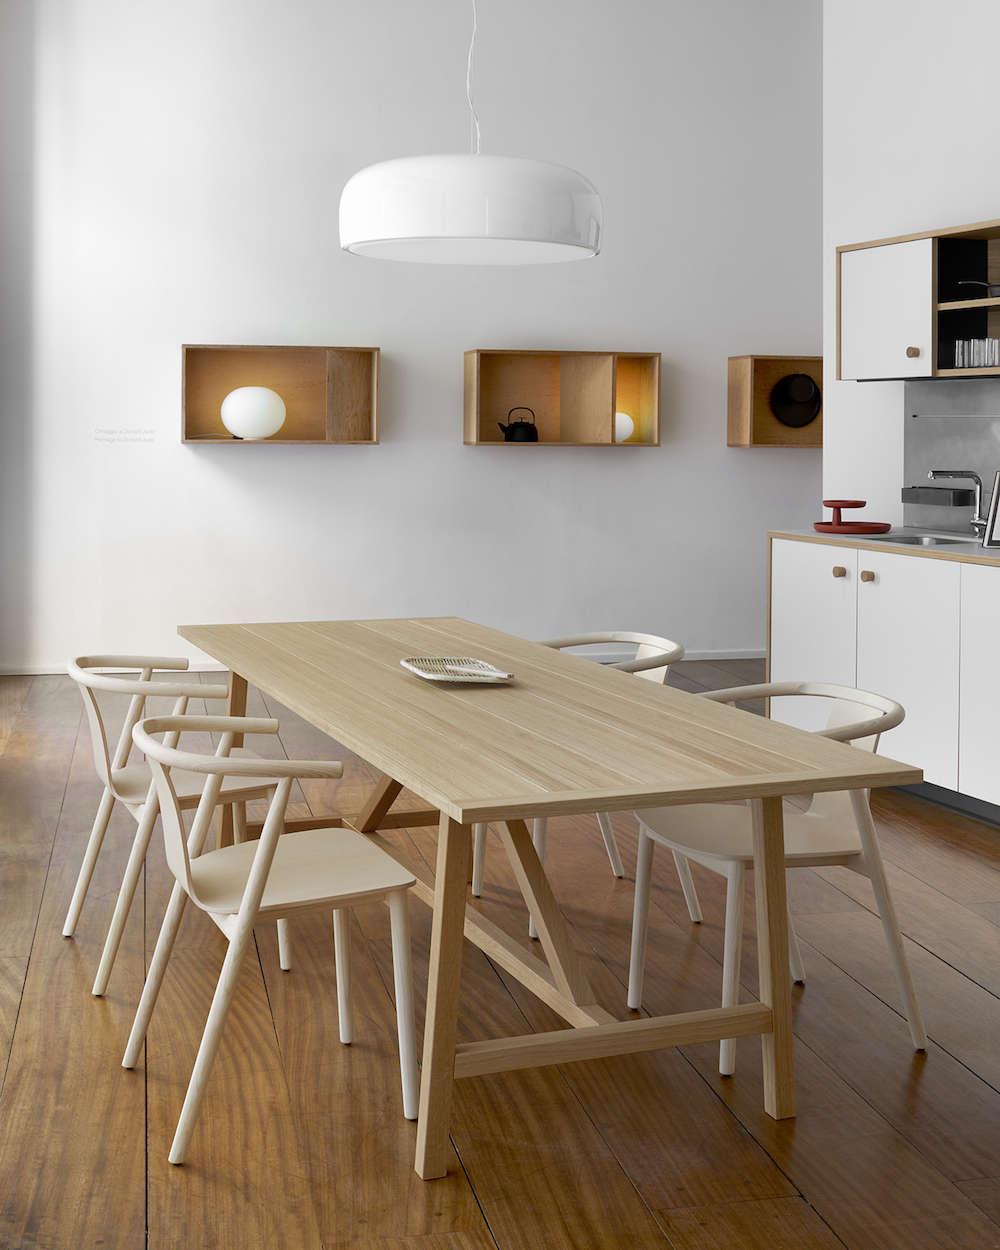 Jasper-Morrison-Schiffini-Kitchen-Remodelista-1